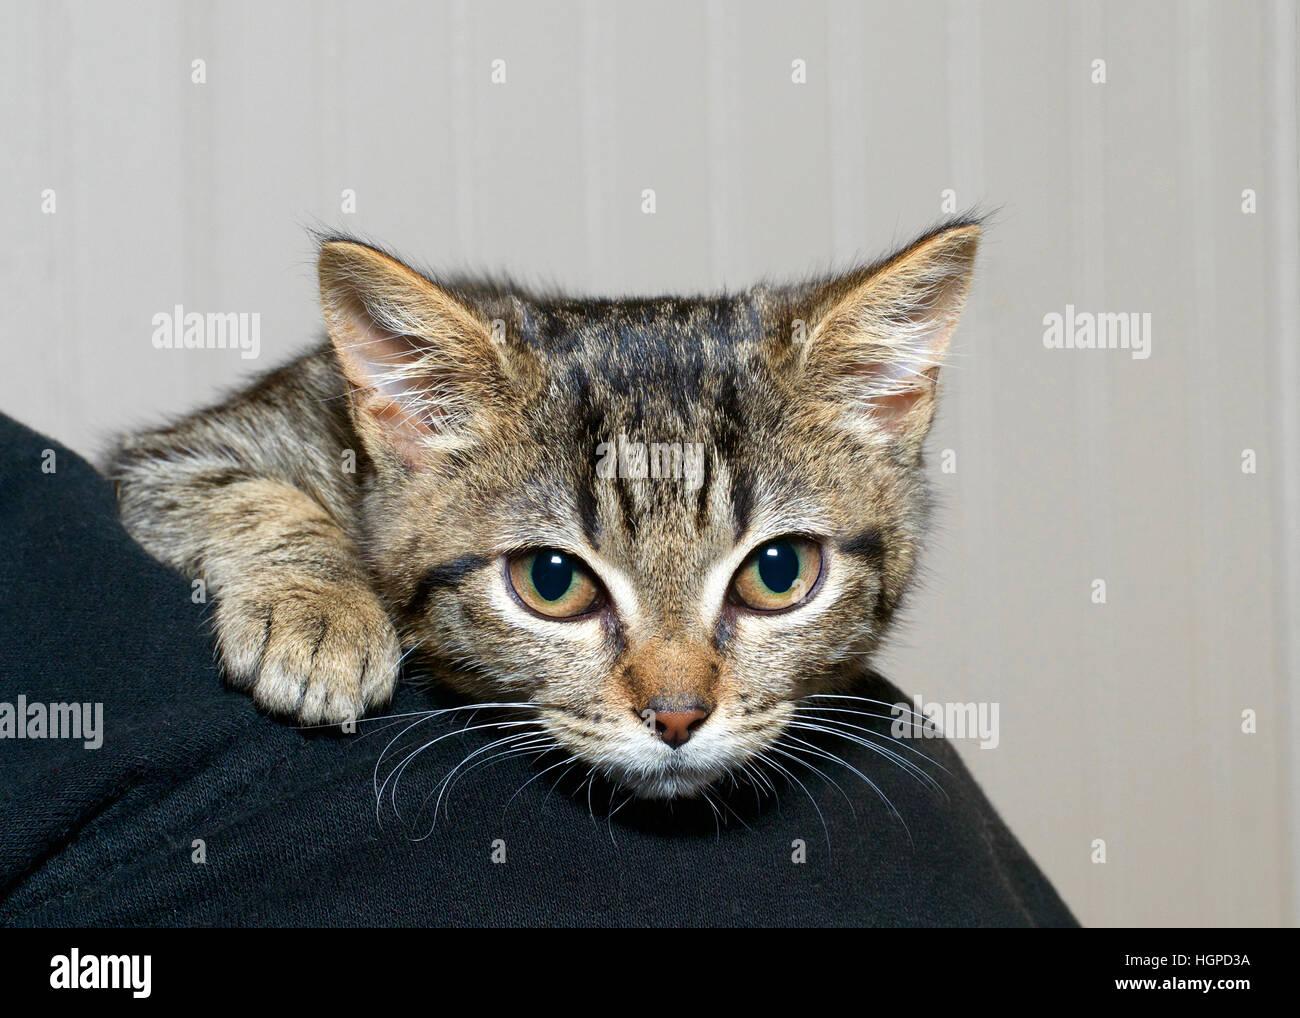 Rayé gris et noir tabby kitten accroché à l'épaule de la personne, nerveux et peur sentiment Photo Stock